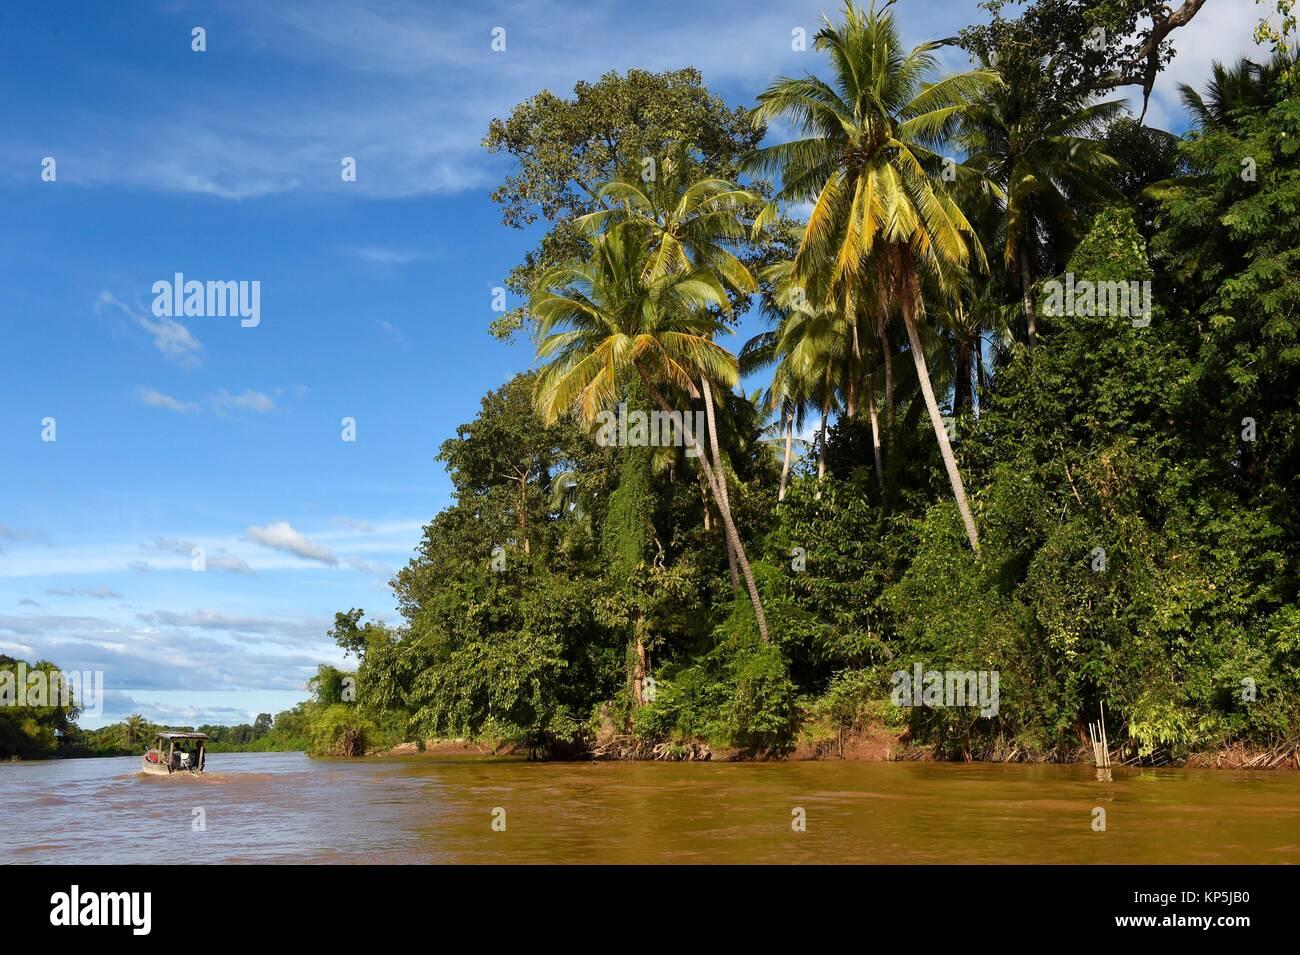 L'île de Det fait dans la région des Mille-Îles 4,Si Phan Don,du Mékong, au sud du Laos, Asie du sud-est. Banque D'Images